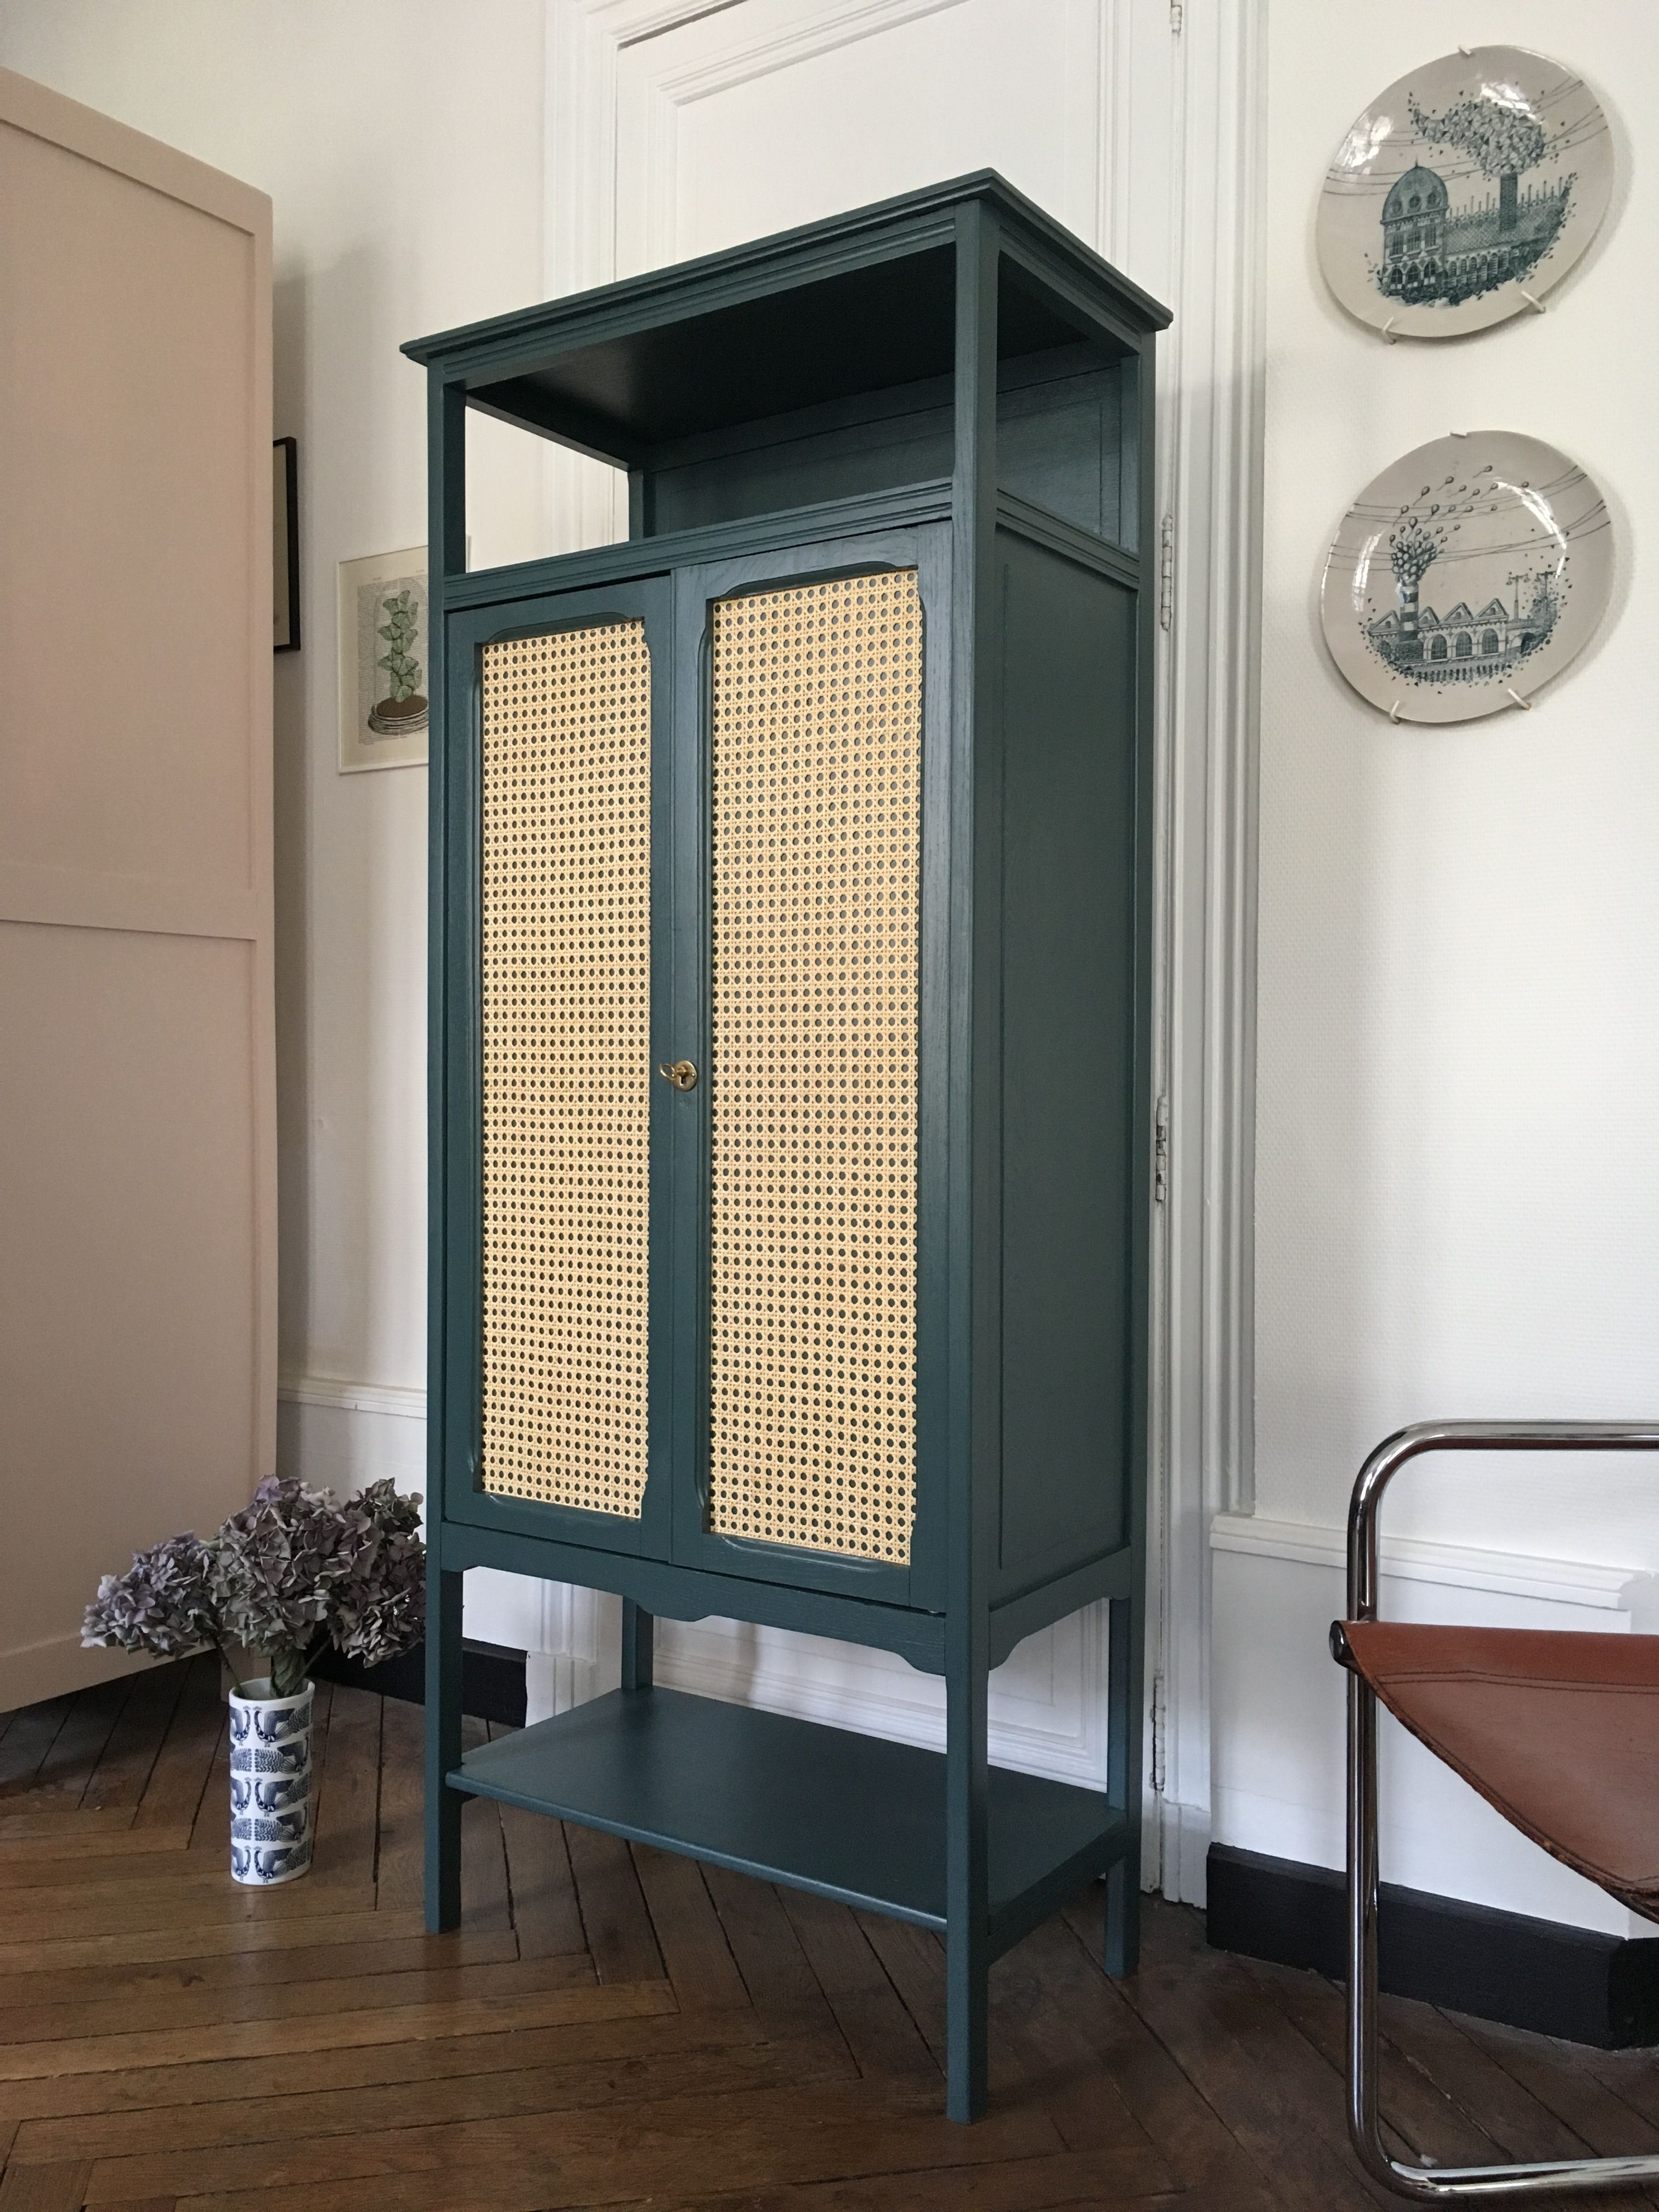 Armoire Cannage Bleu Vert Meubles Vintage Nantes Mobilier De Salon Meuble Vintage Deco Recup